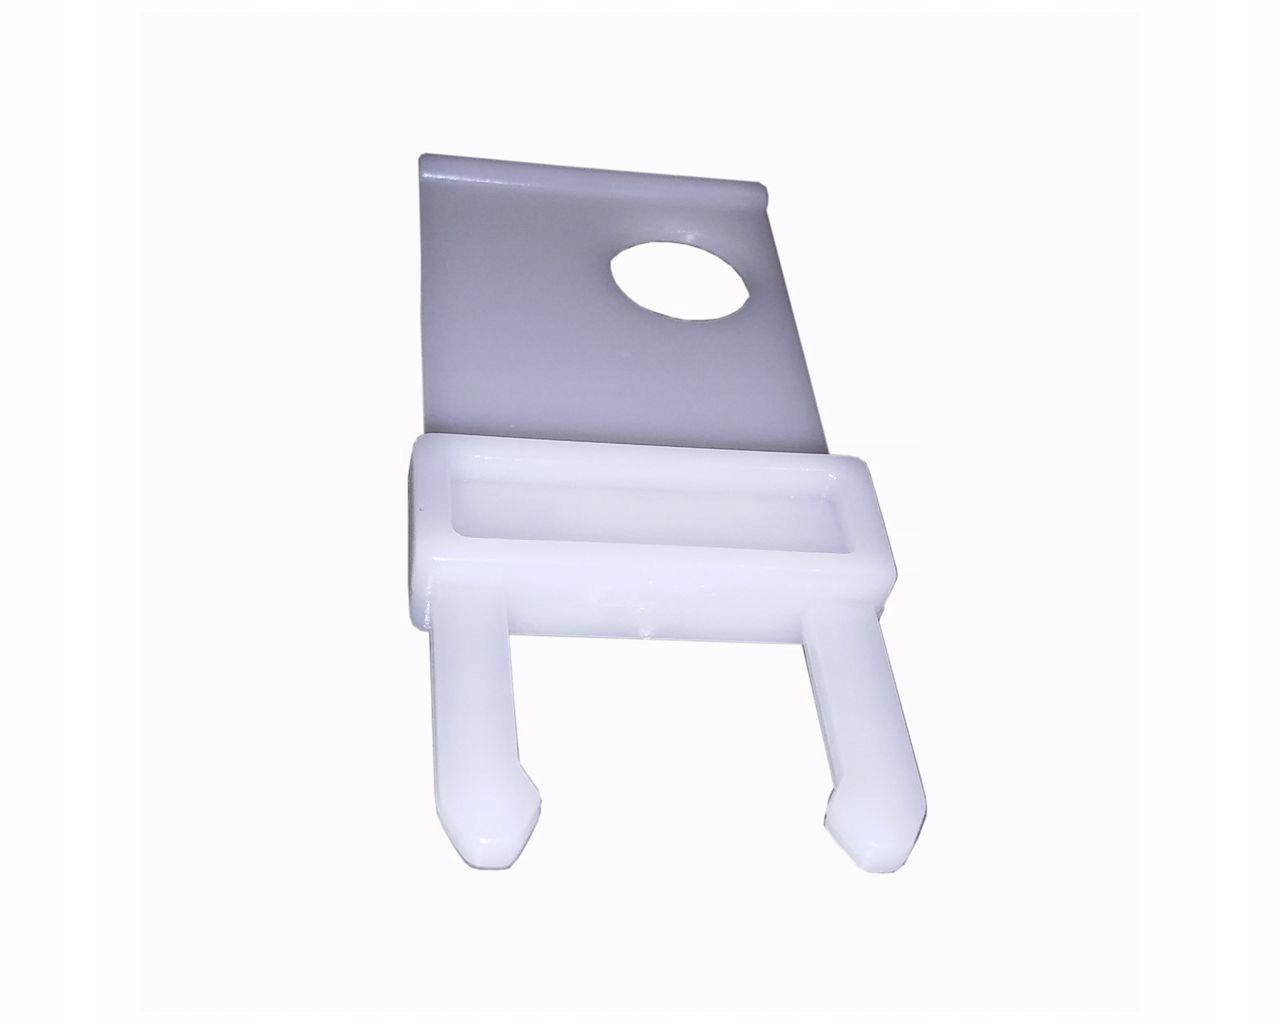 Kľúč k zariadeniam pre dávkovače MERIDA D1 ZB001